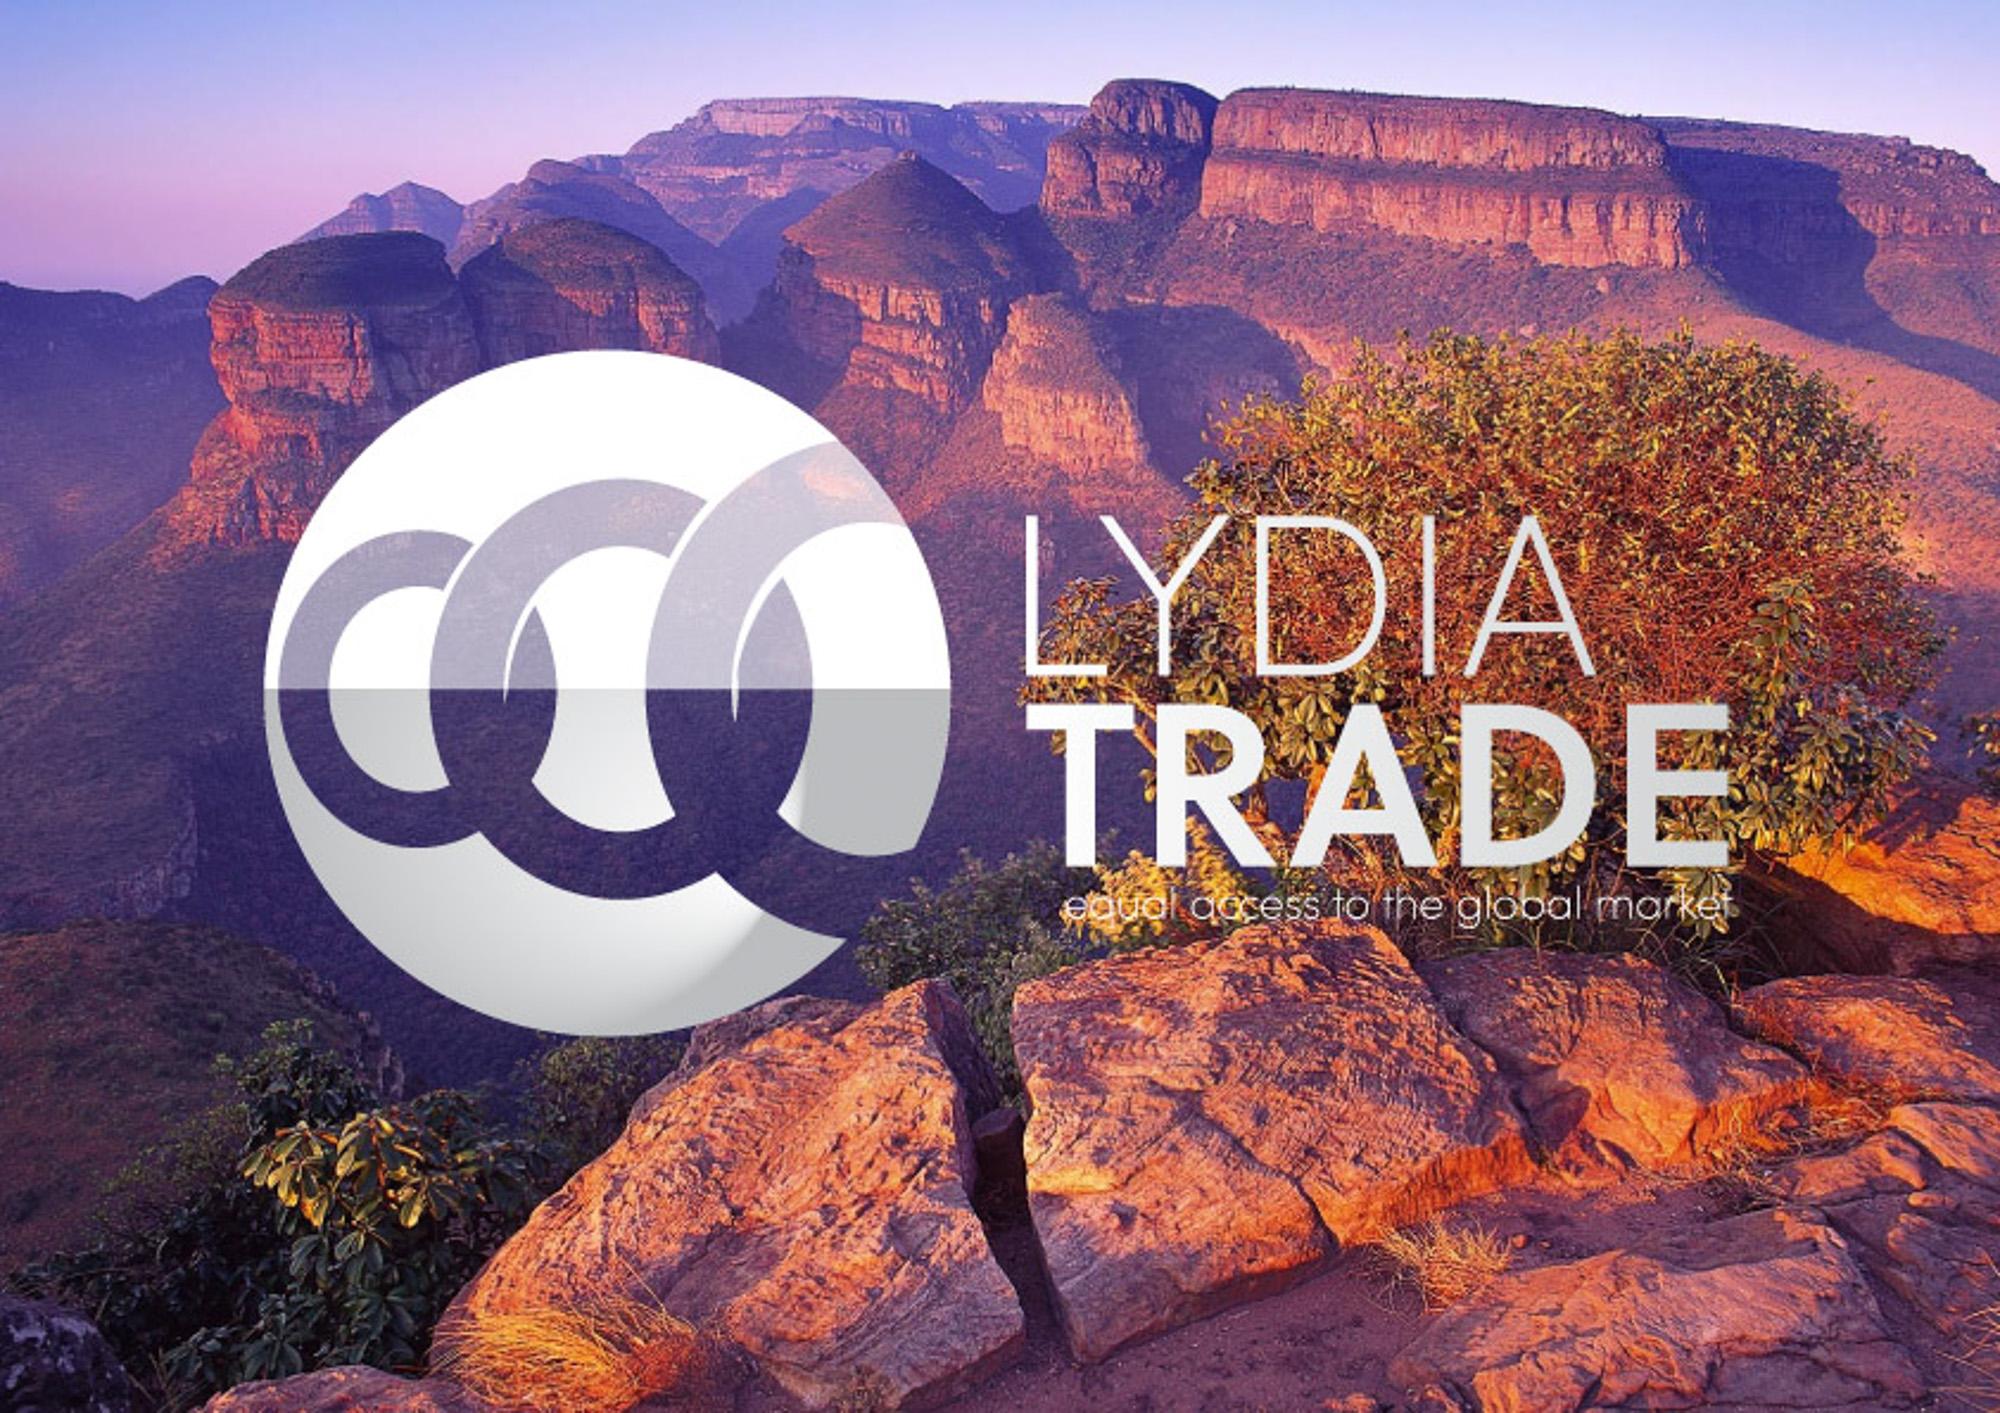 Het logo van Lydia Trade met op de achtergrond een gebergte